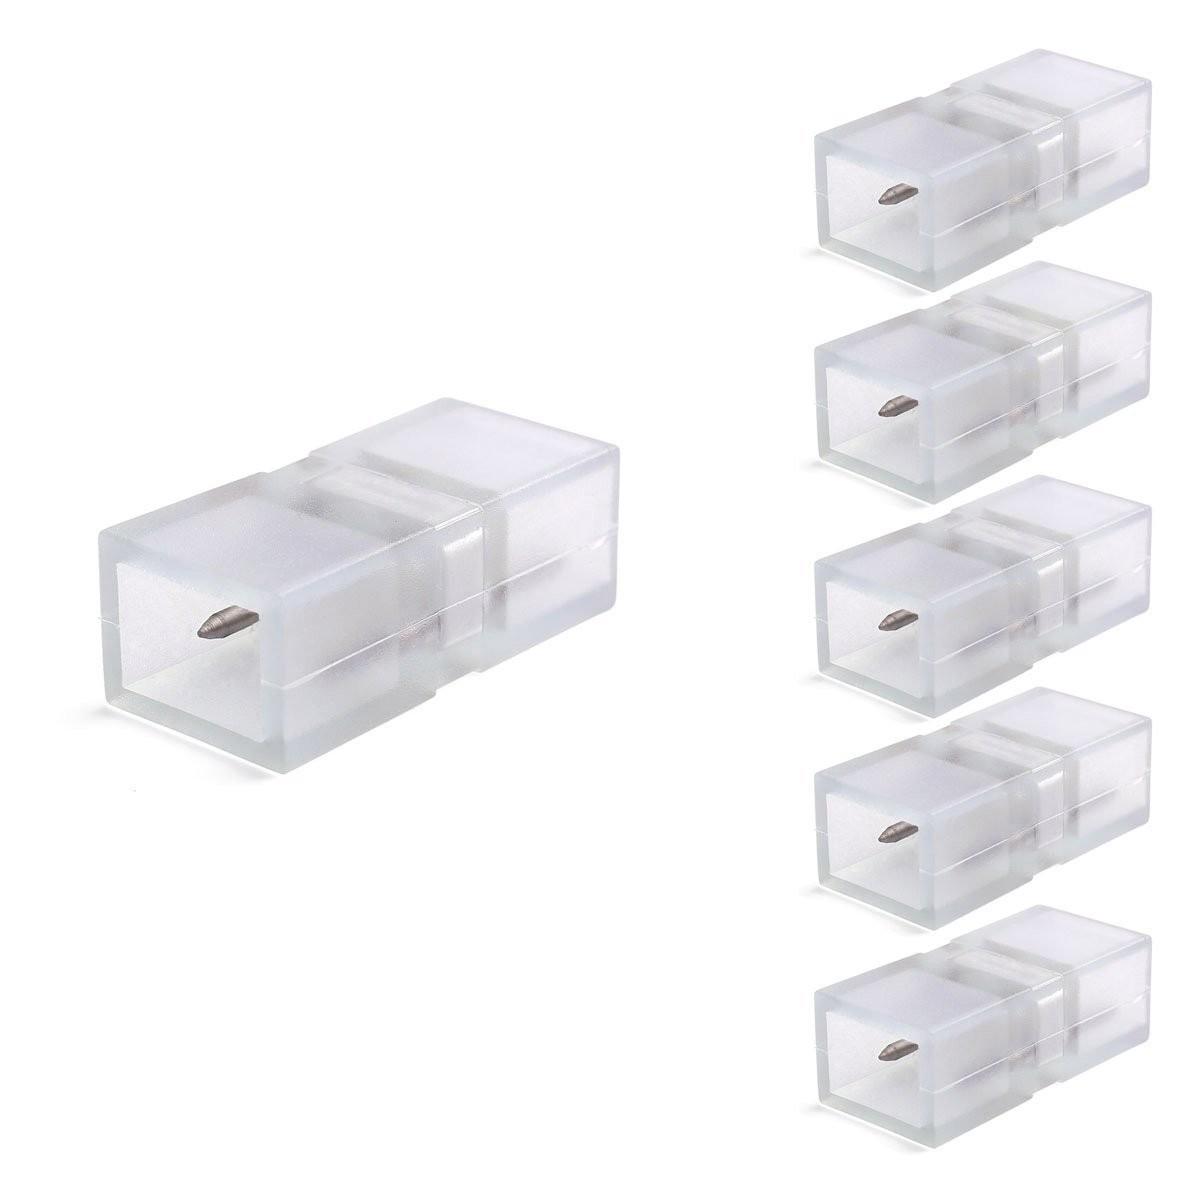 2-pin Stecker/Verbinder für 5050 LED einfarbige 230V Streifen, 14mm Breite , 5er